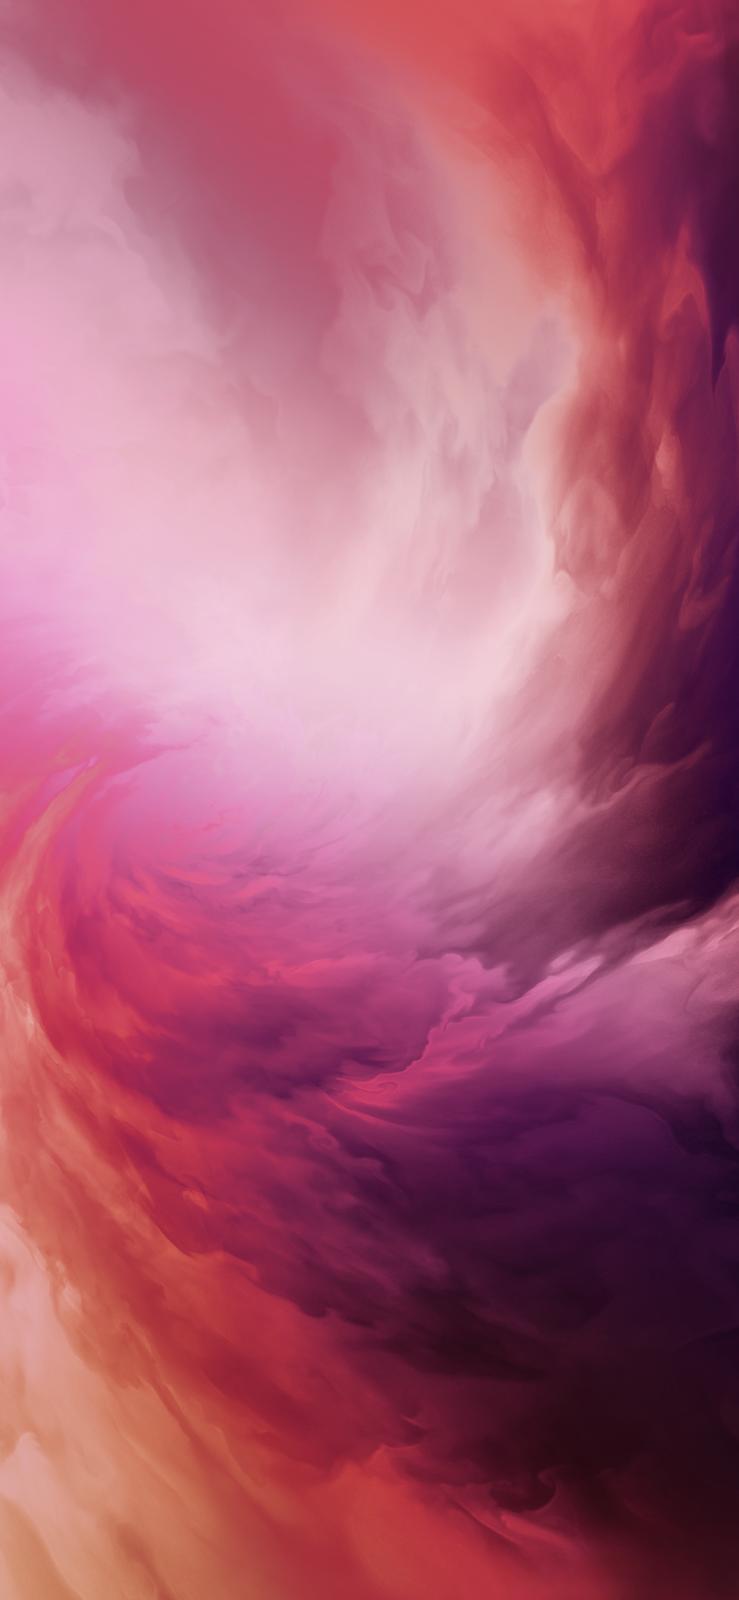 Hình nền gốc OnePlus 7 Pro